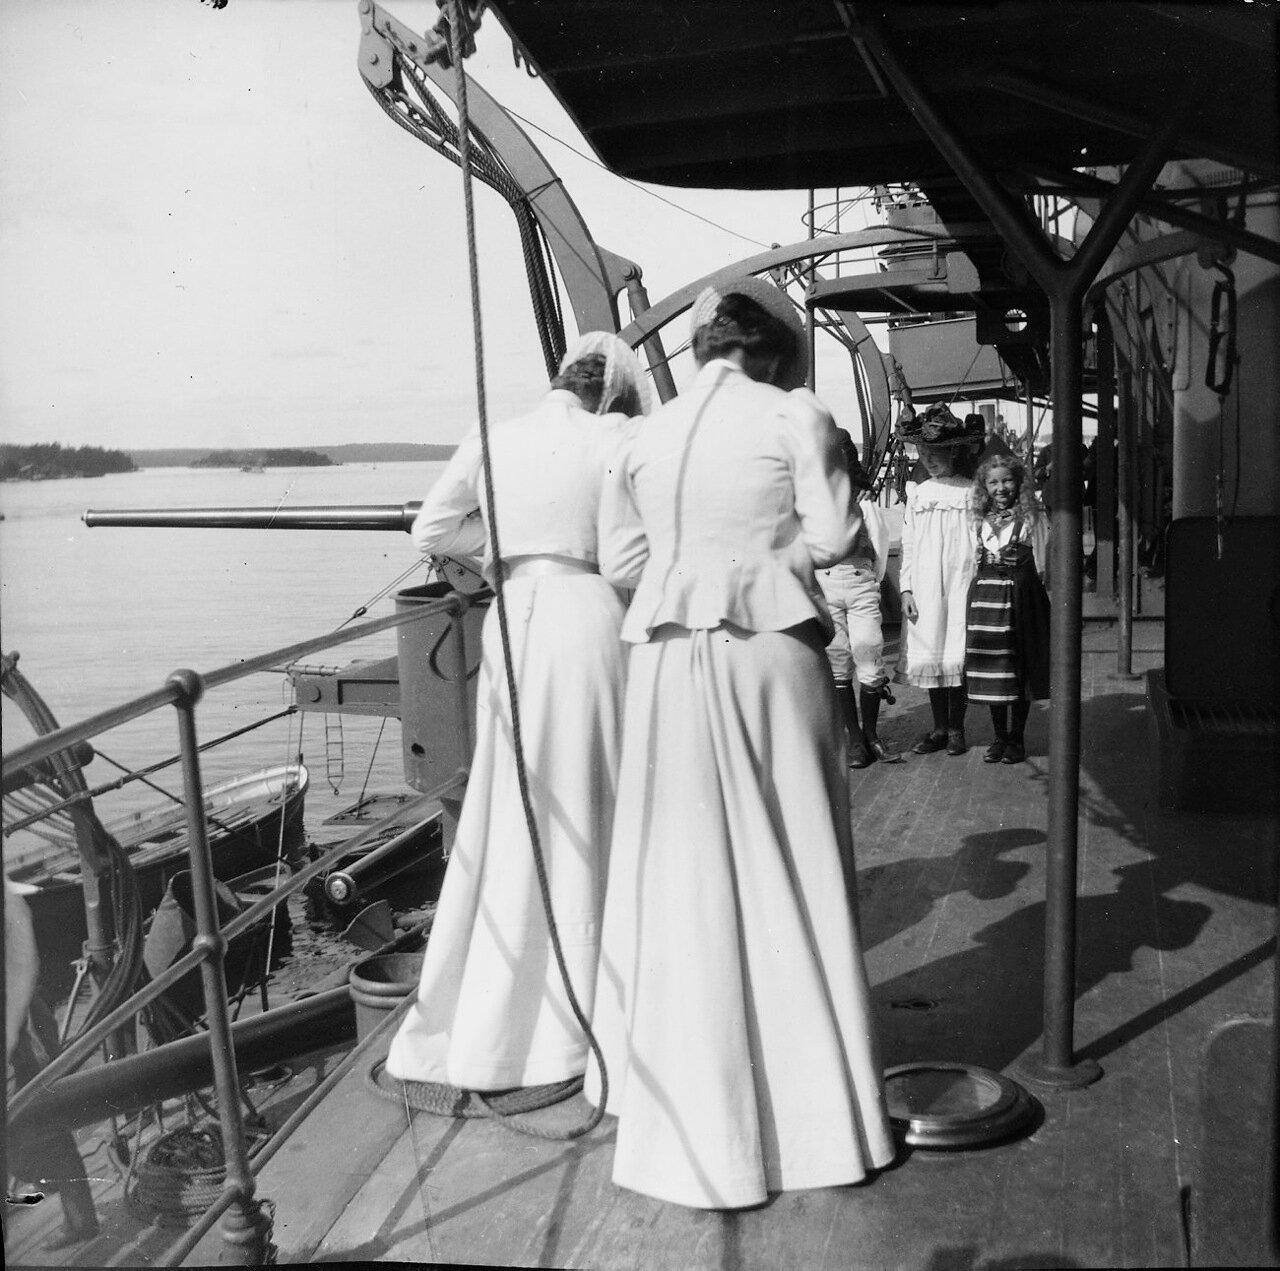 1900.Девочки на корабле позируют для двух фотографов. Дети носят шведские народные костюмы